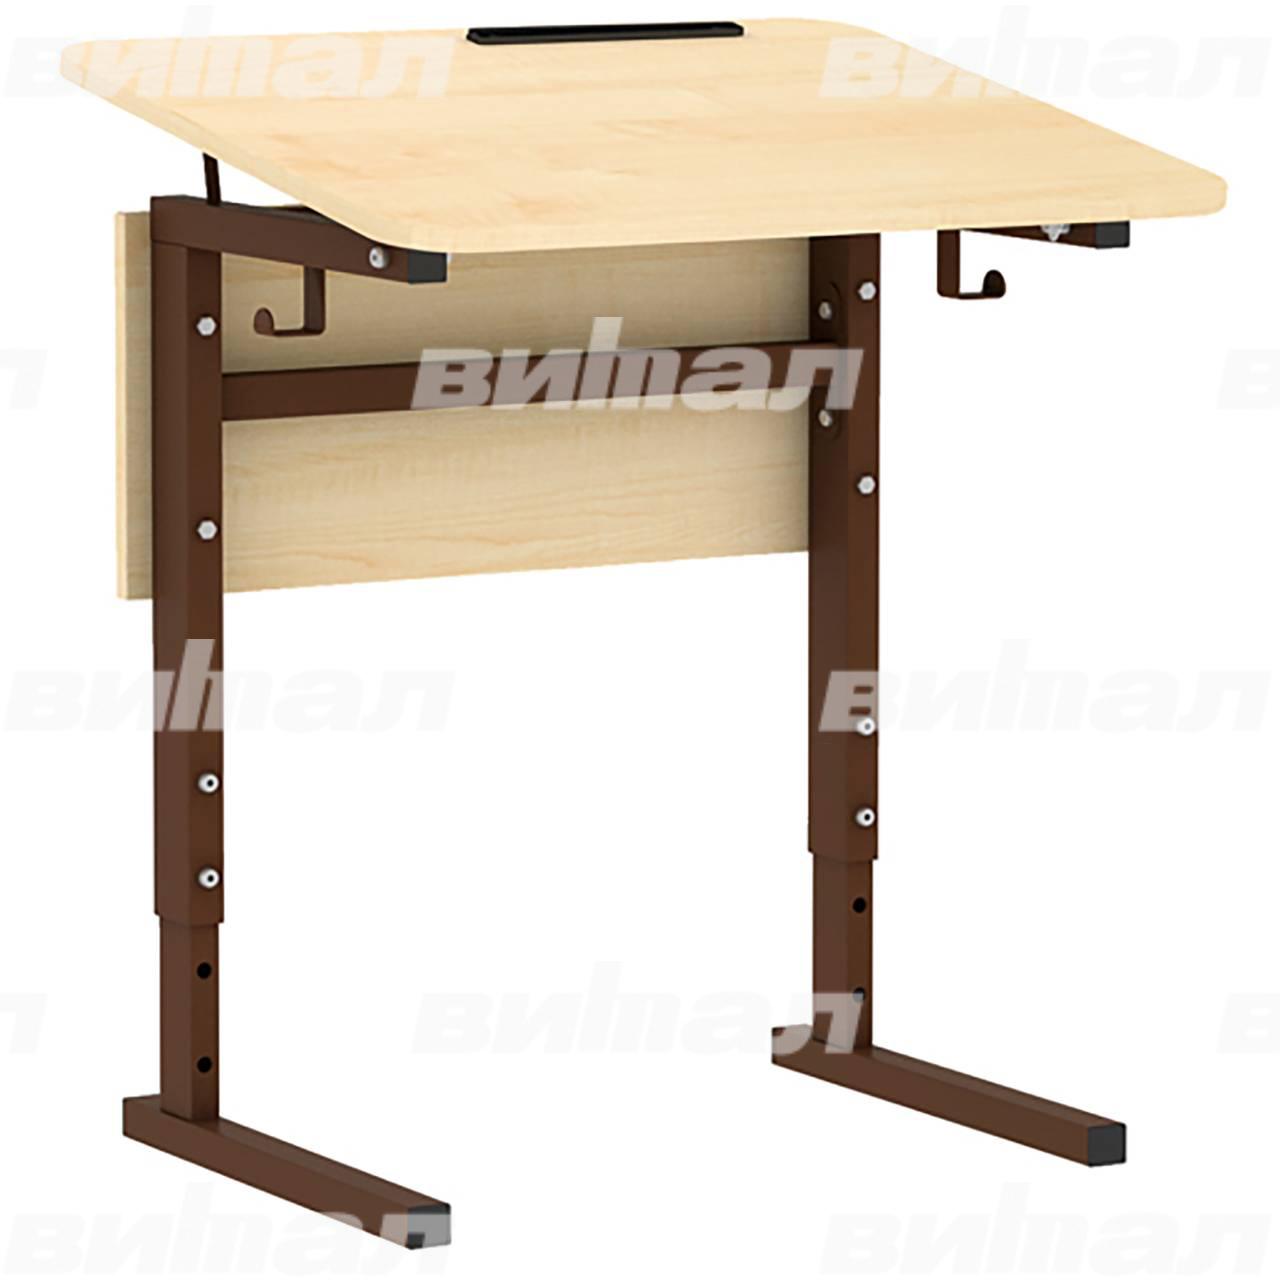 Стол 1-местный регулир. высота и наклон столешницы 0-10° (гр 2-4, 3-5 или 4-6) коричневый Клен 3-5 Меламин